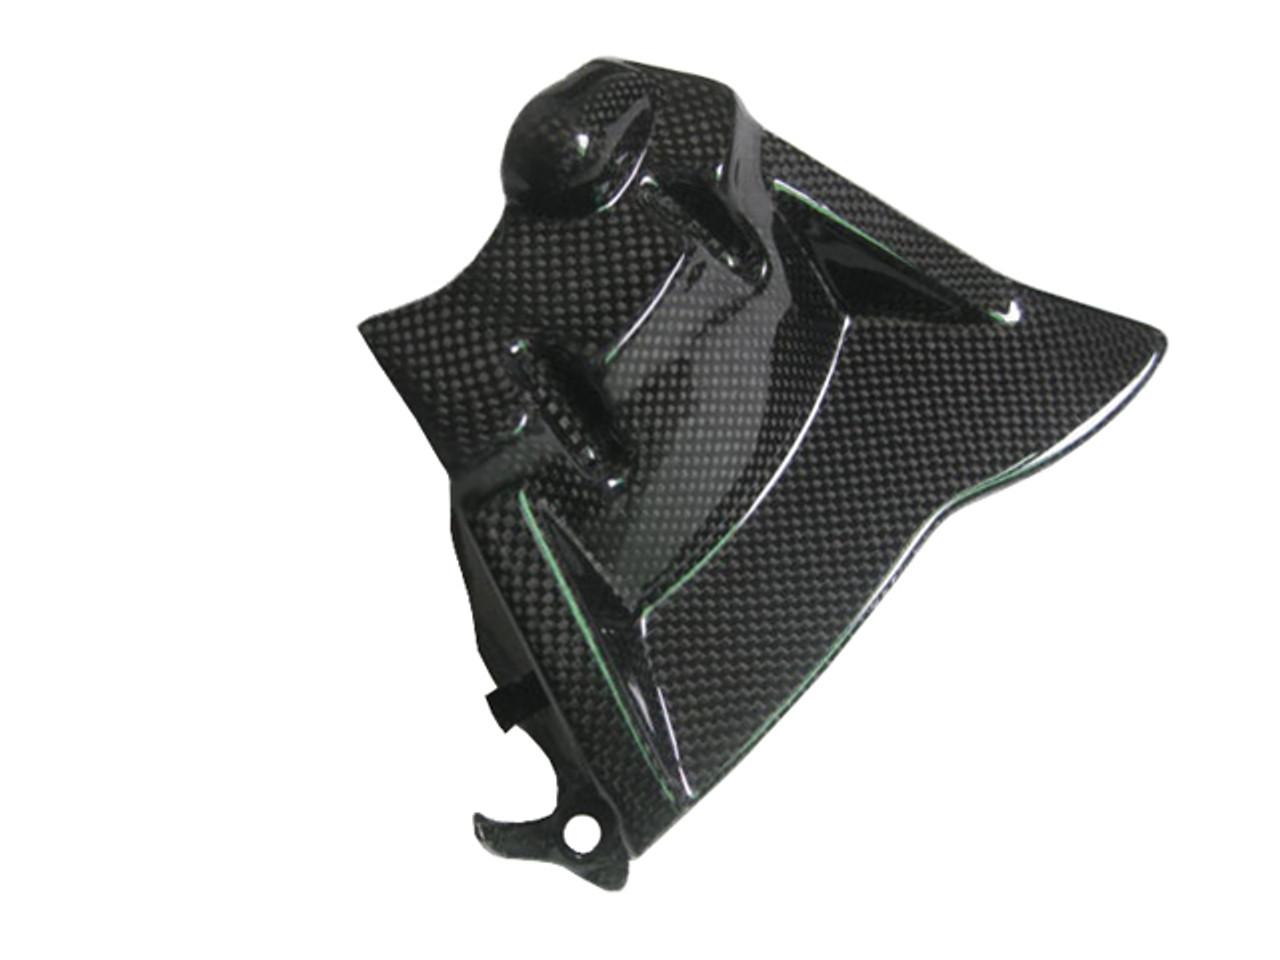 Sprocket Cover for Honda CBR 1000RR 08-16 in Glossy Plain Weave Carbon Fiber